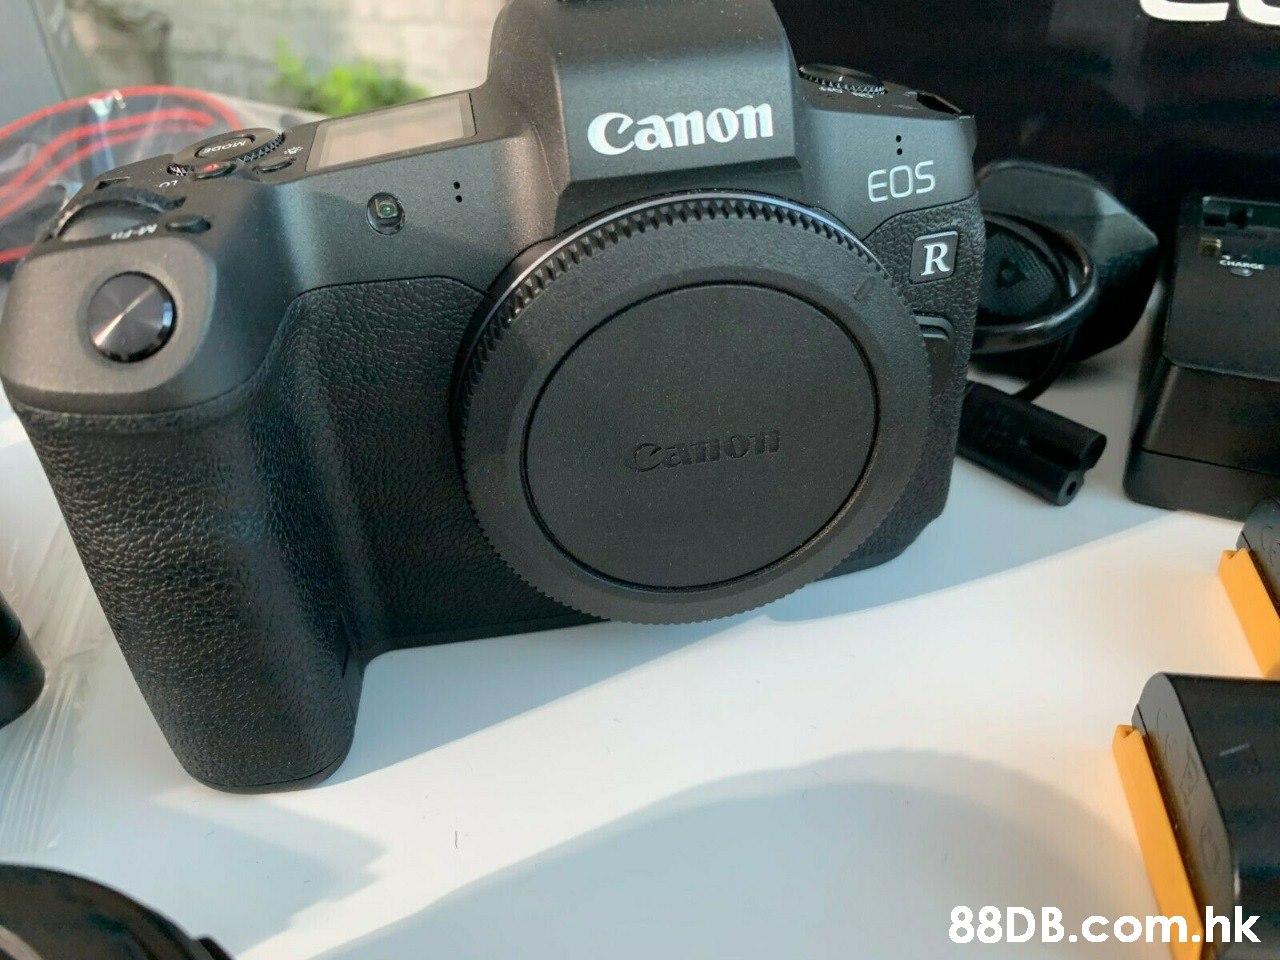 Canon EOS Canon .hk  Camera,Cameras & optics,Digital camera,Camera accessory,Camera lens